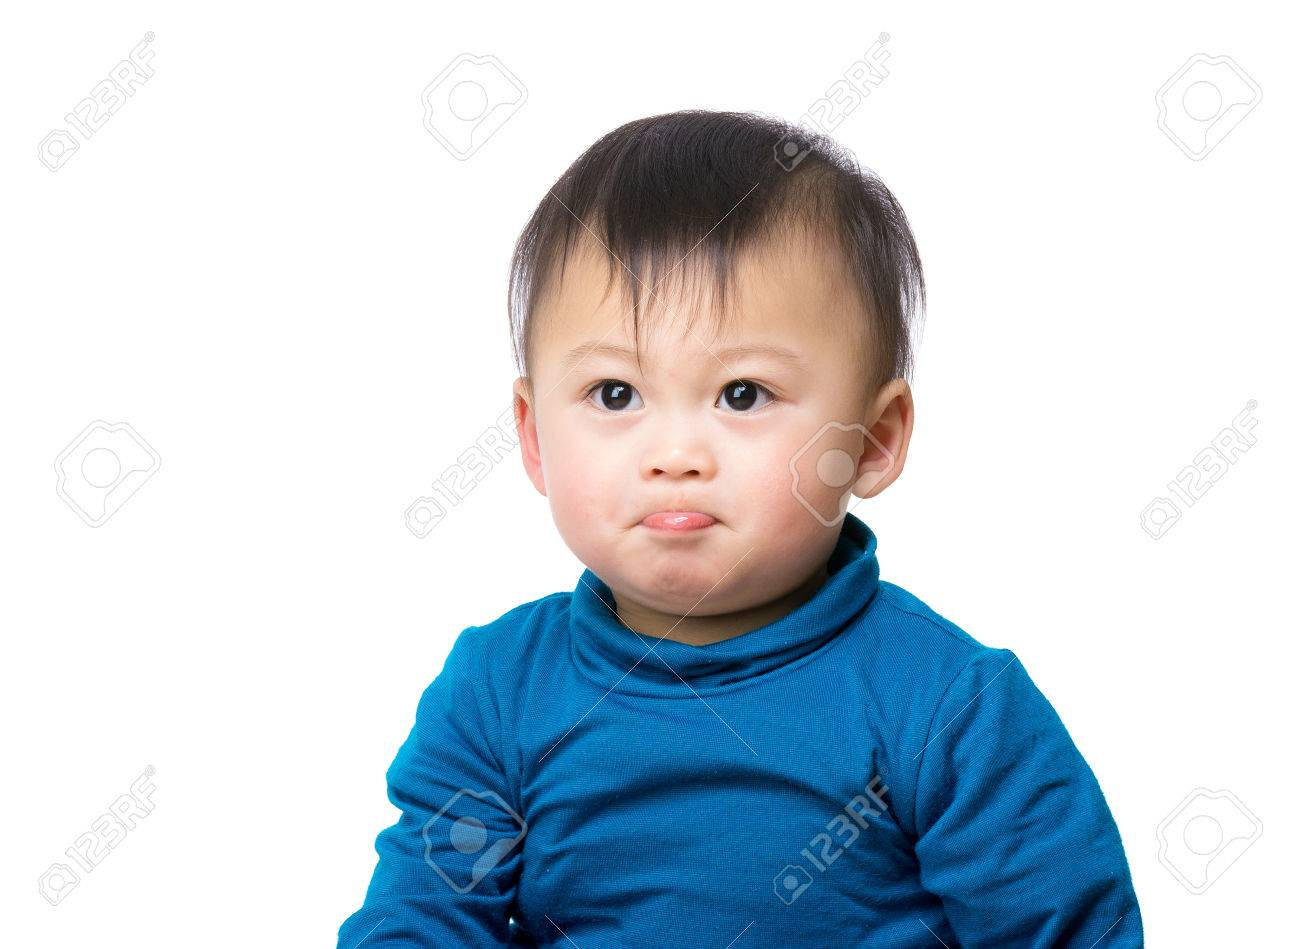 Baby Pouting Lips Asian Baby Boy Pout Lip